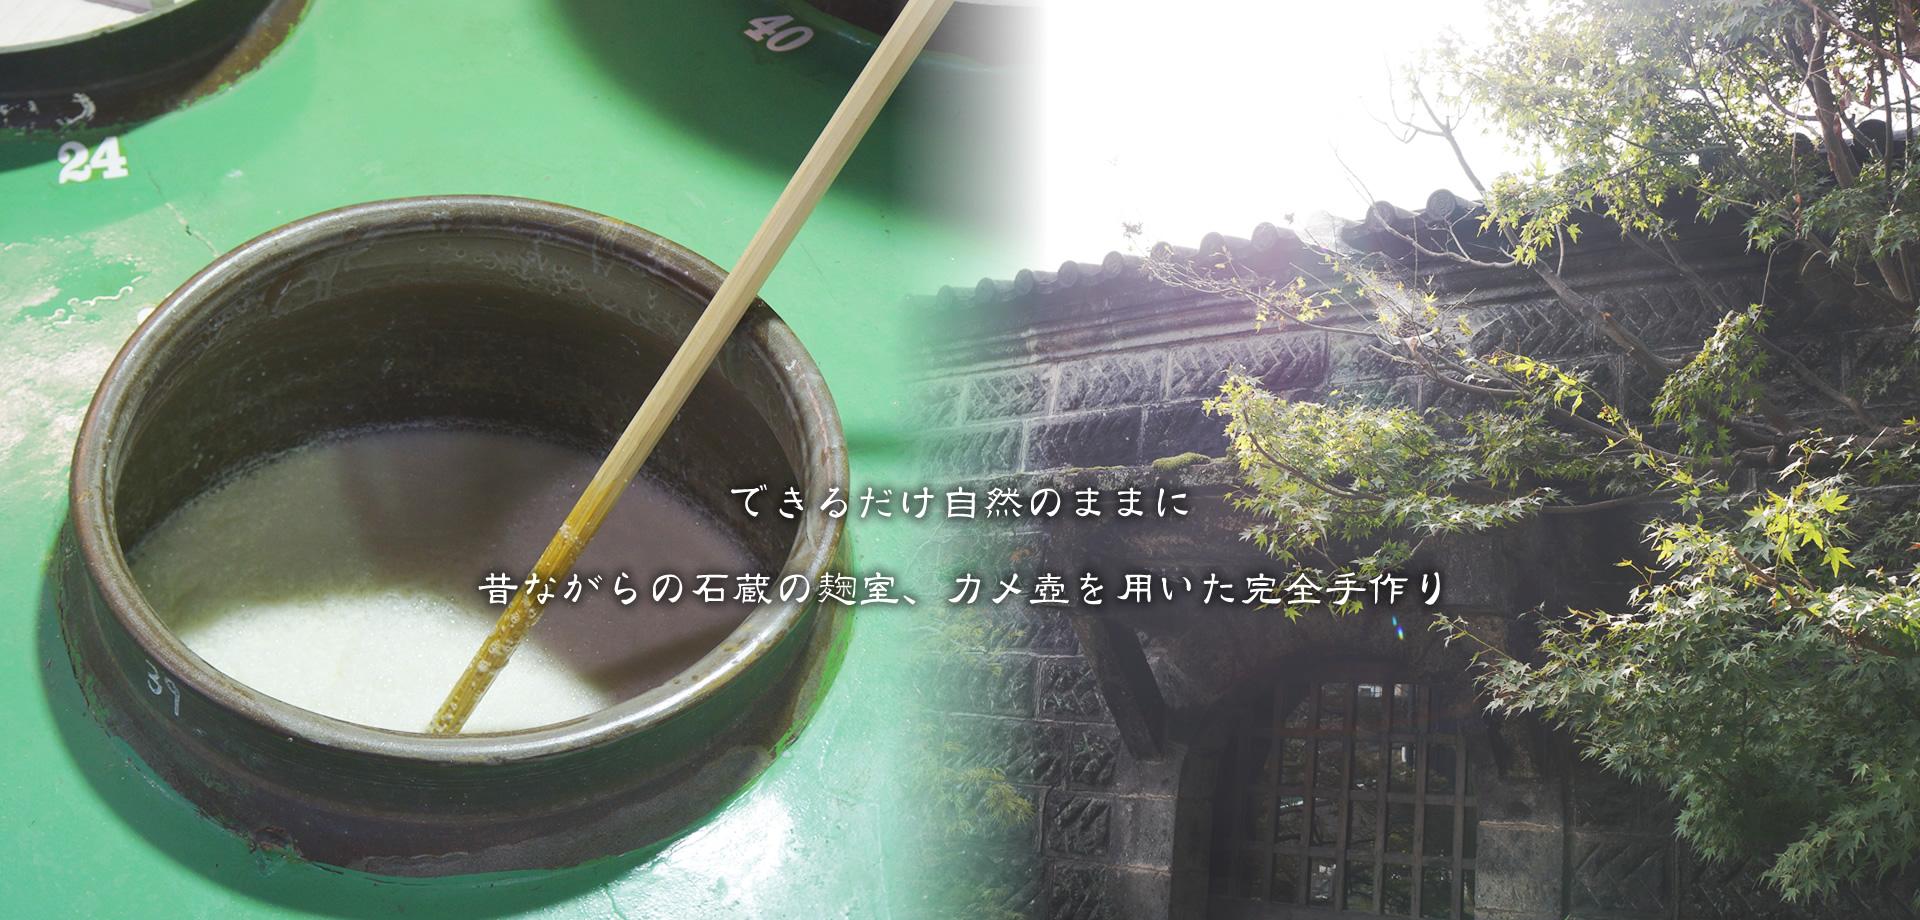 できるだけ自然のままに 昔ながらの石蔵の麹室 カメ壺を用いた完全手作り